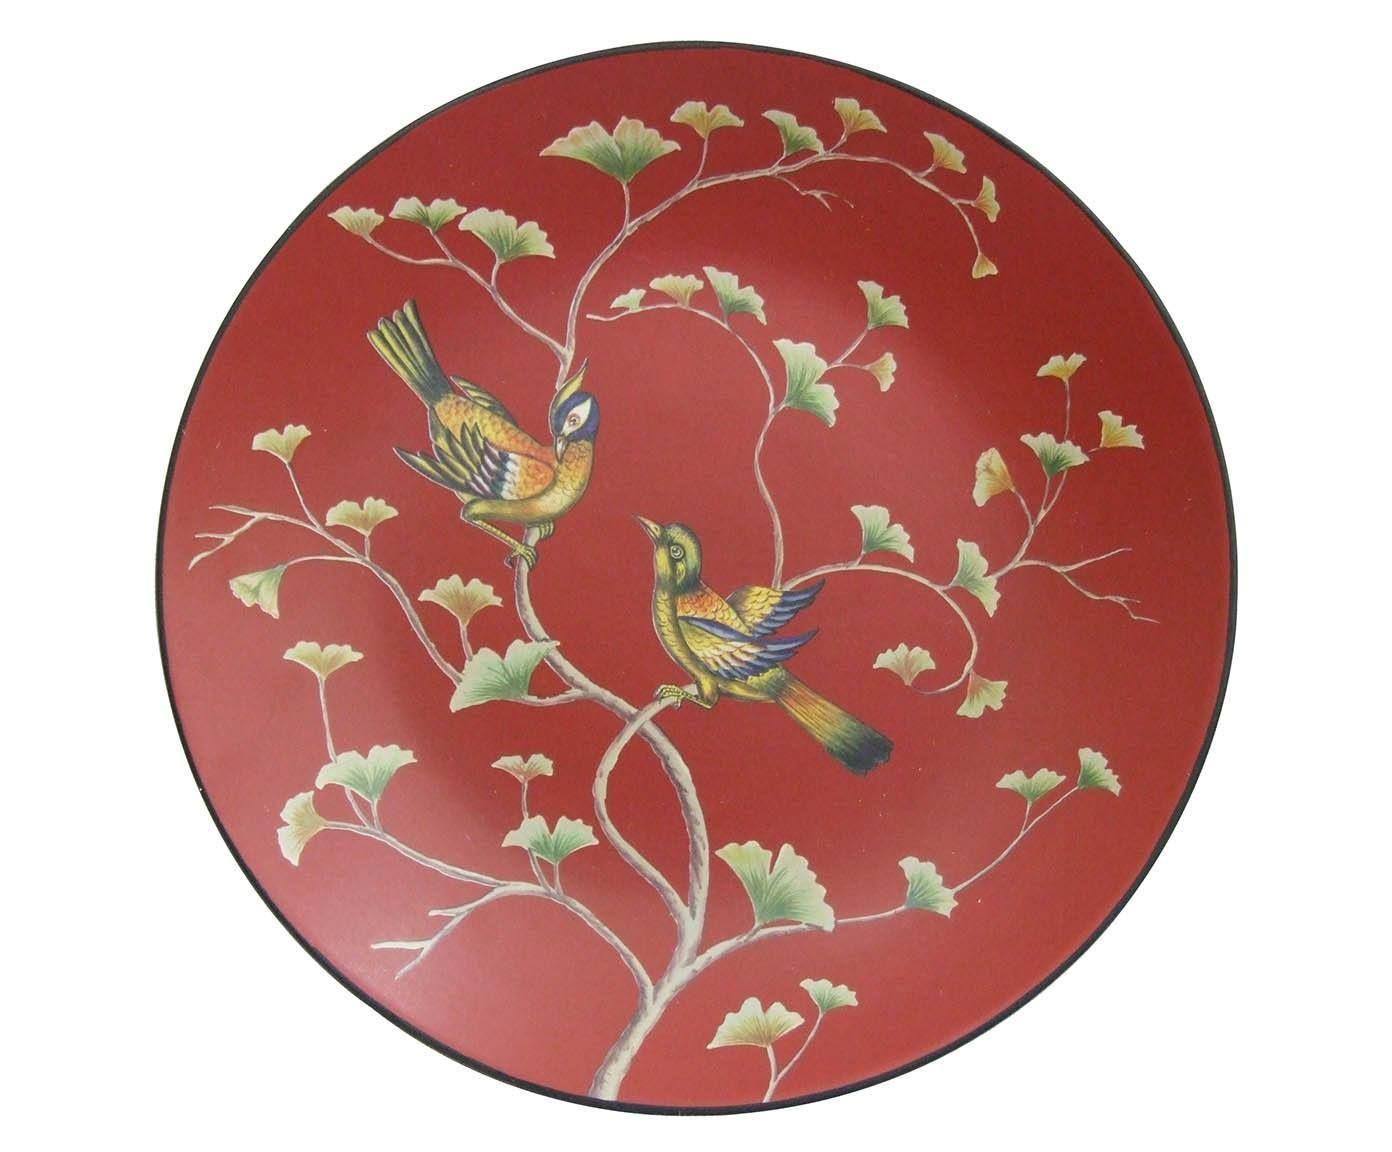 Prato decorativo birds - 38cm | Westwing - Casa & Decoração